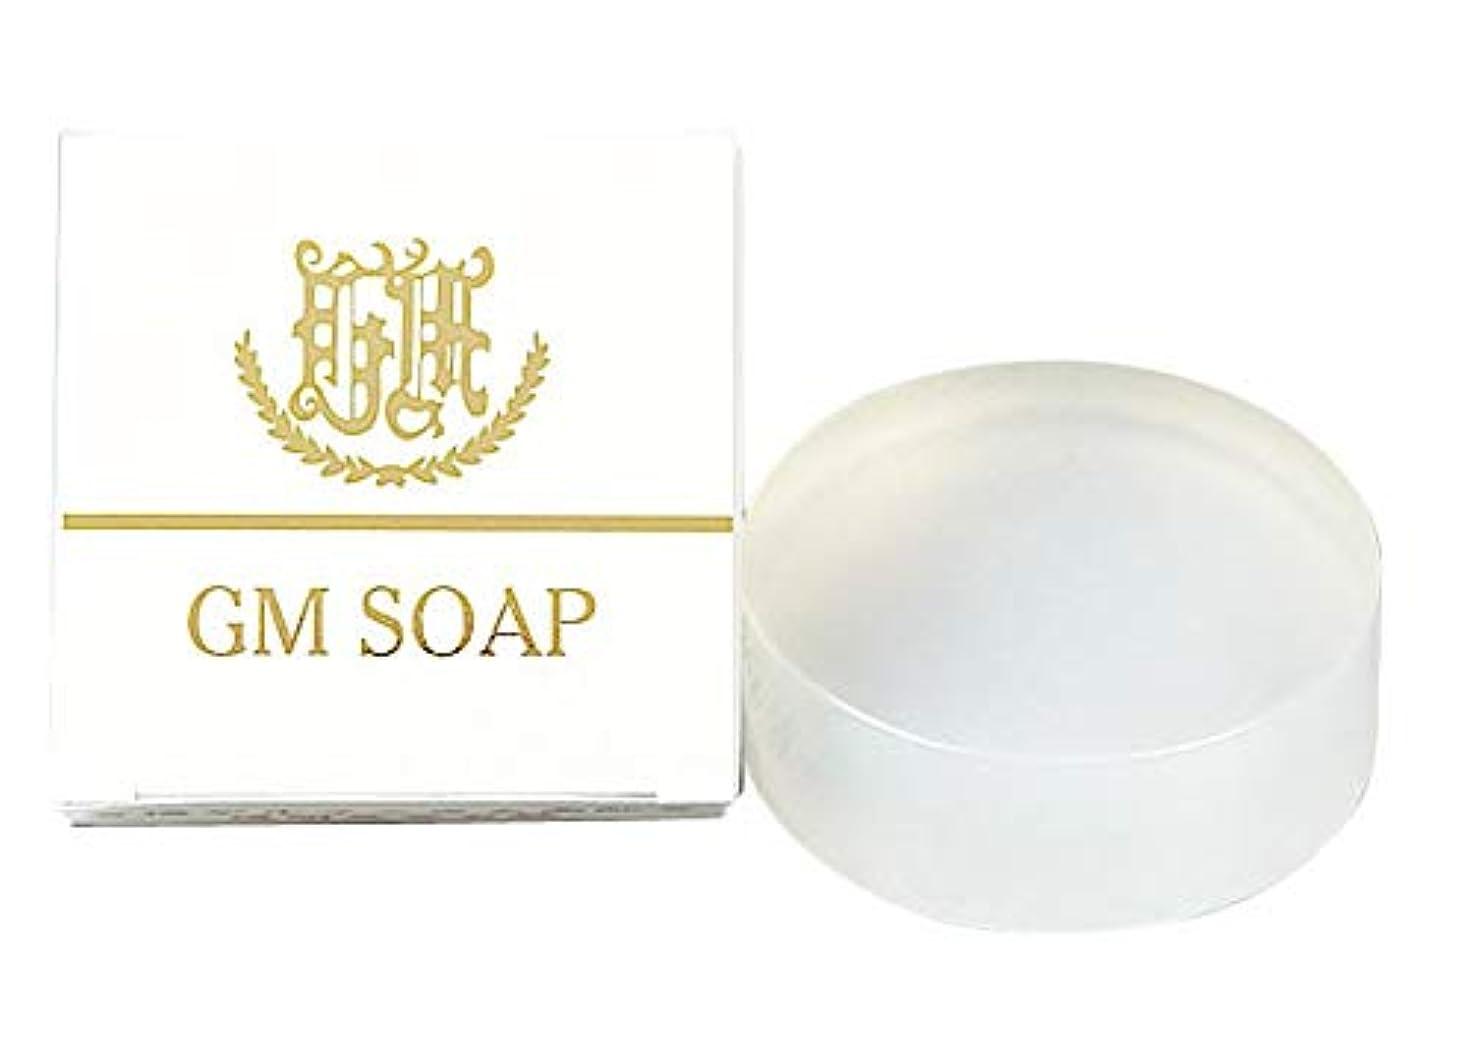 公平なジョージバーナード感染する【GM SOAP(ジーエムソープ)】 100g